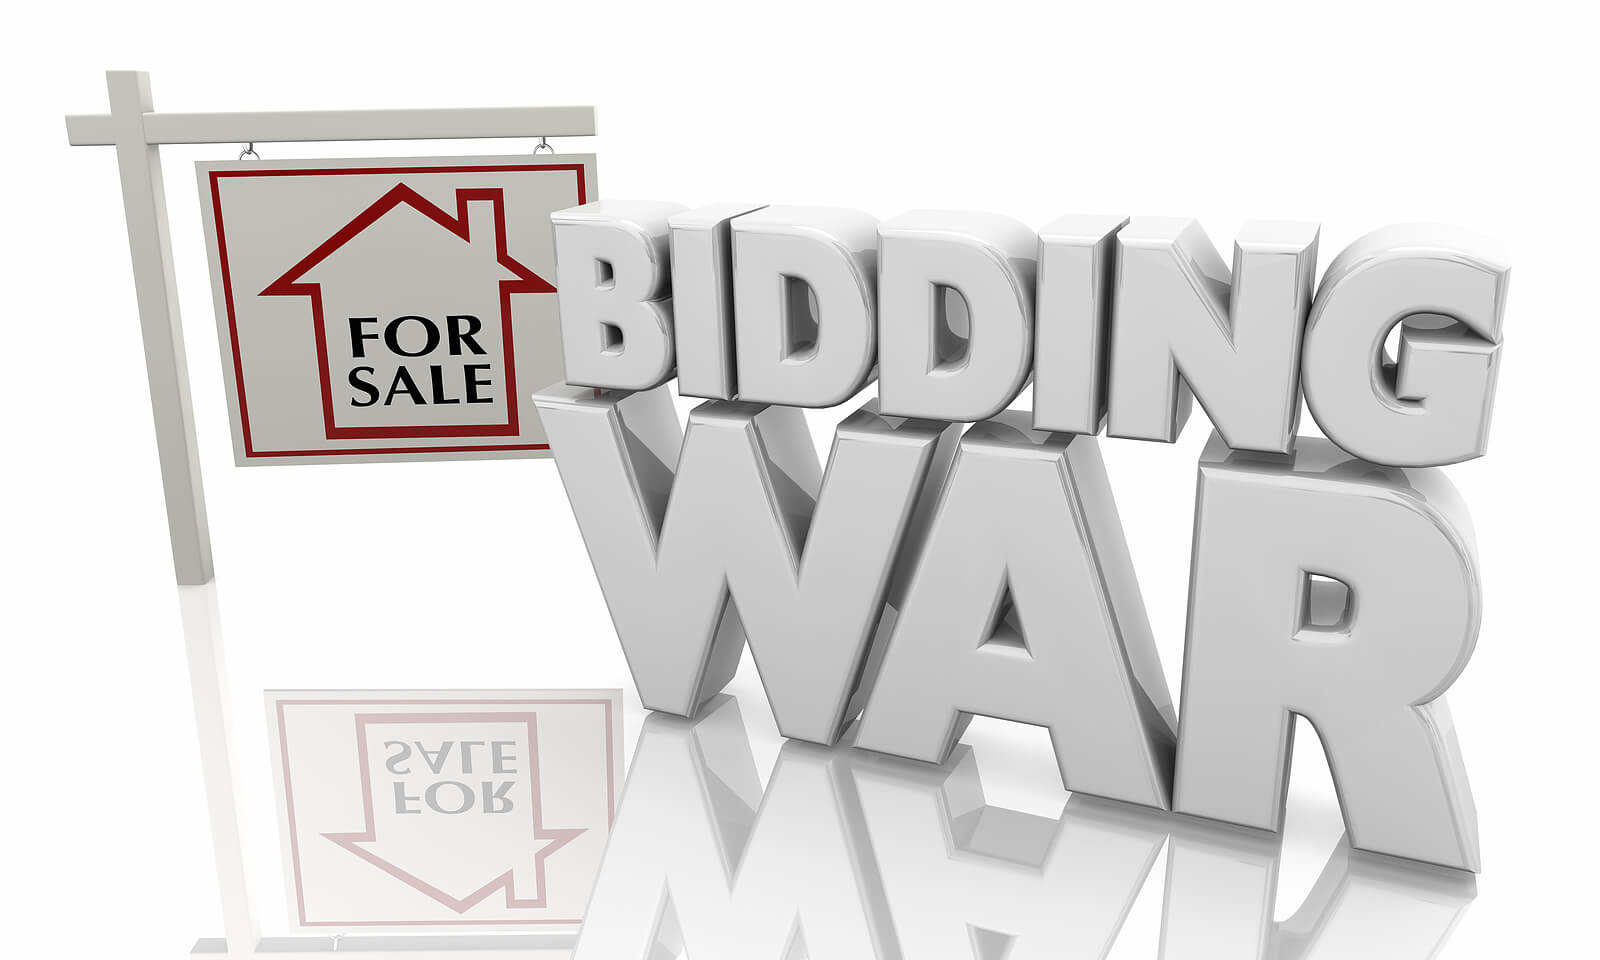 house bidding war sign